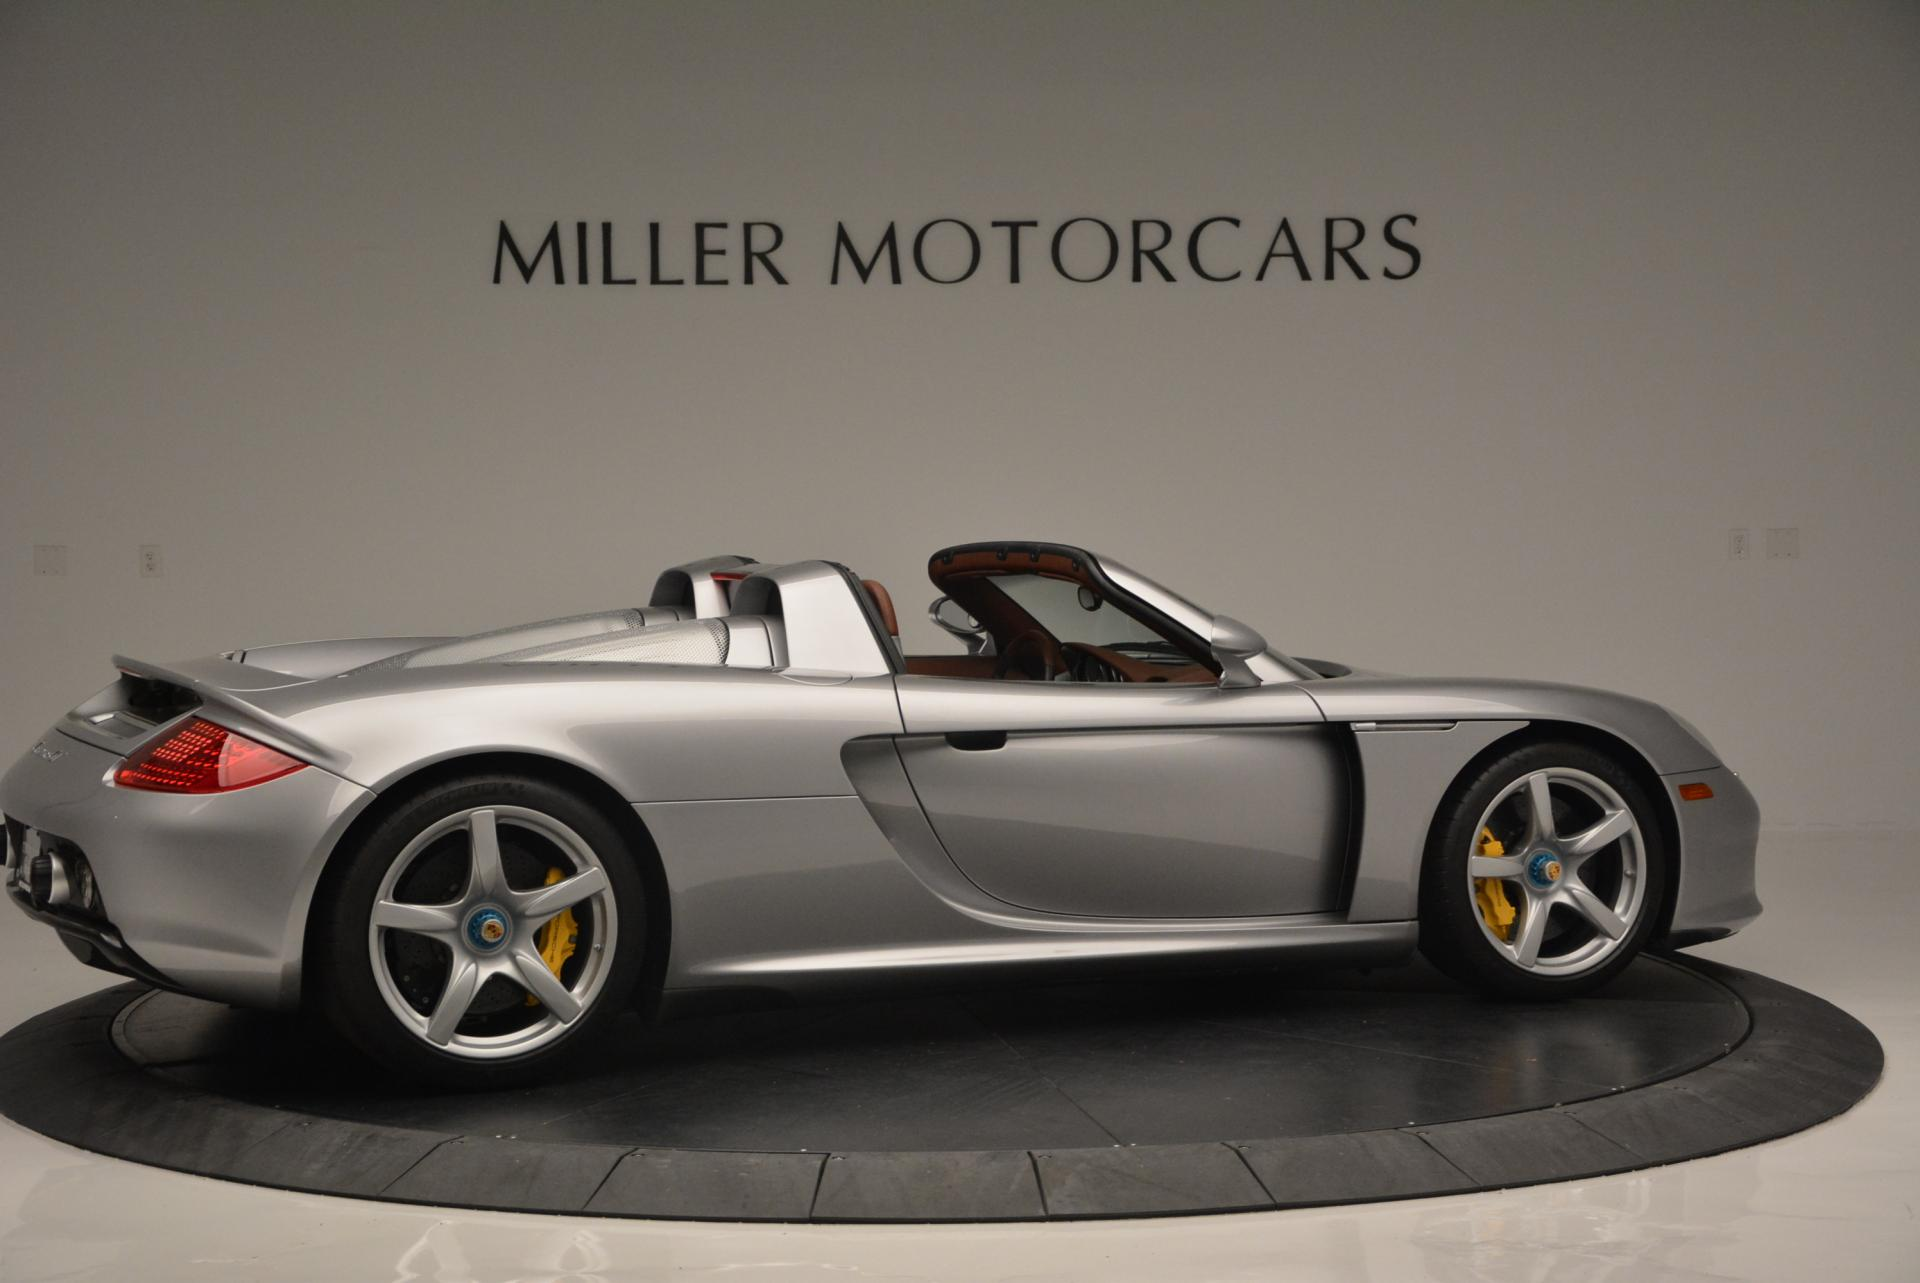 Used 2005 Porsche Carrera GT  For Sale In Greenwich, CT. Alfa Romeo of Greenwich, 7114 108_p11